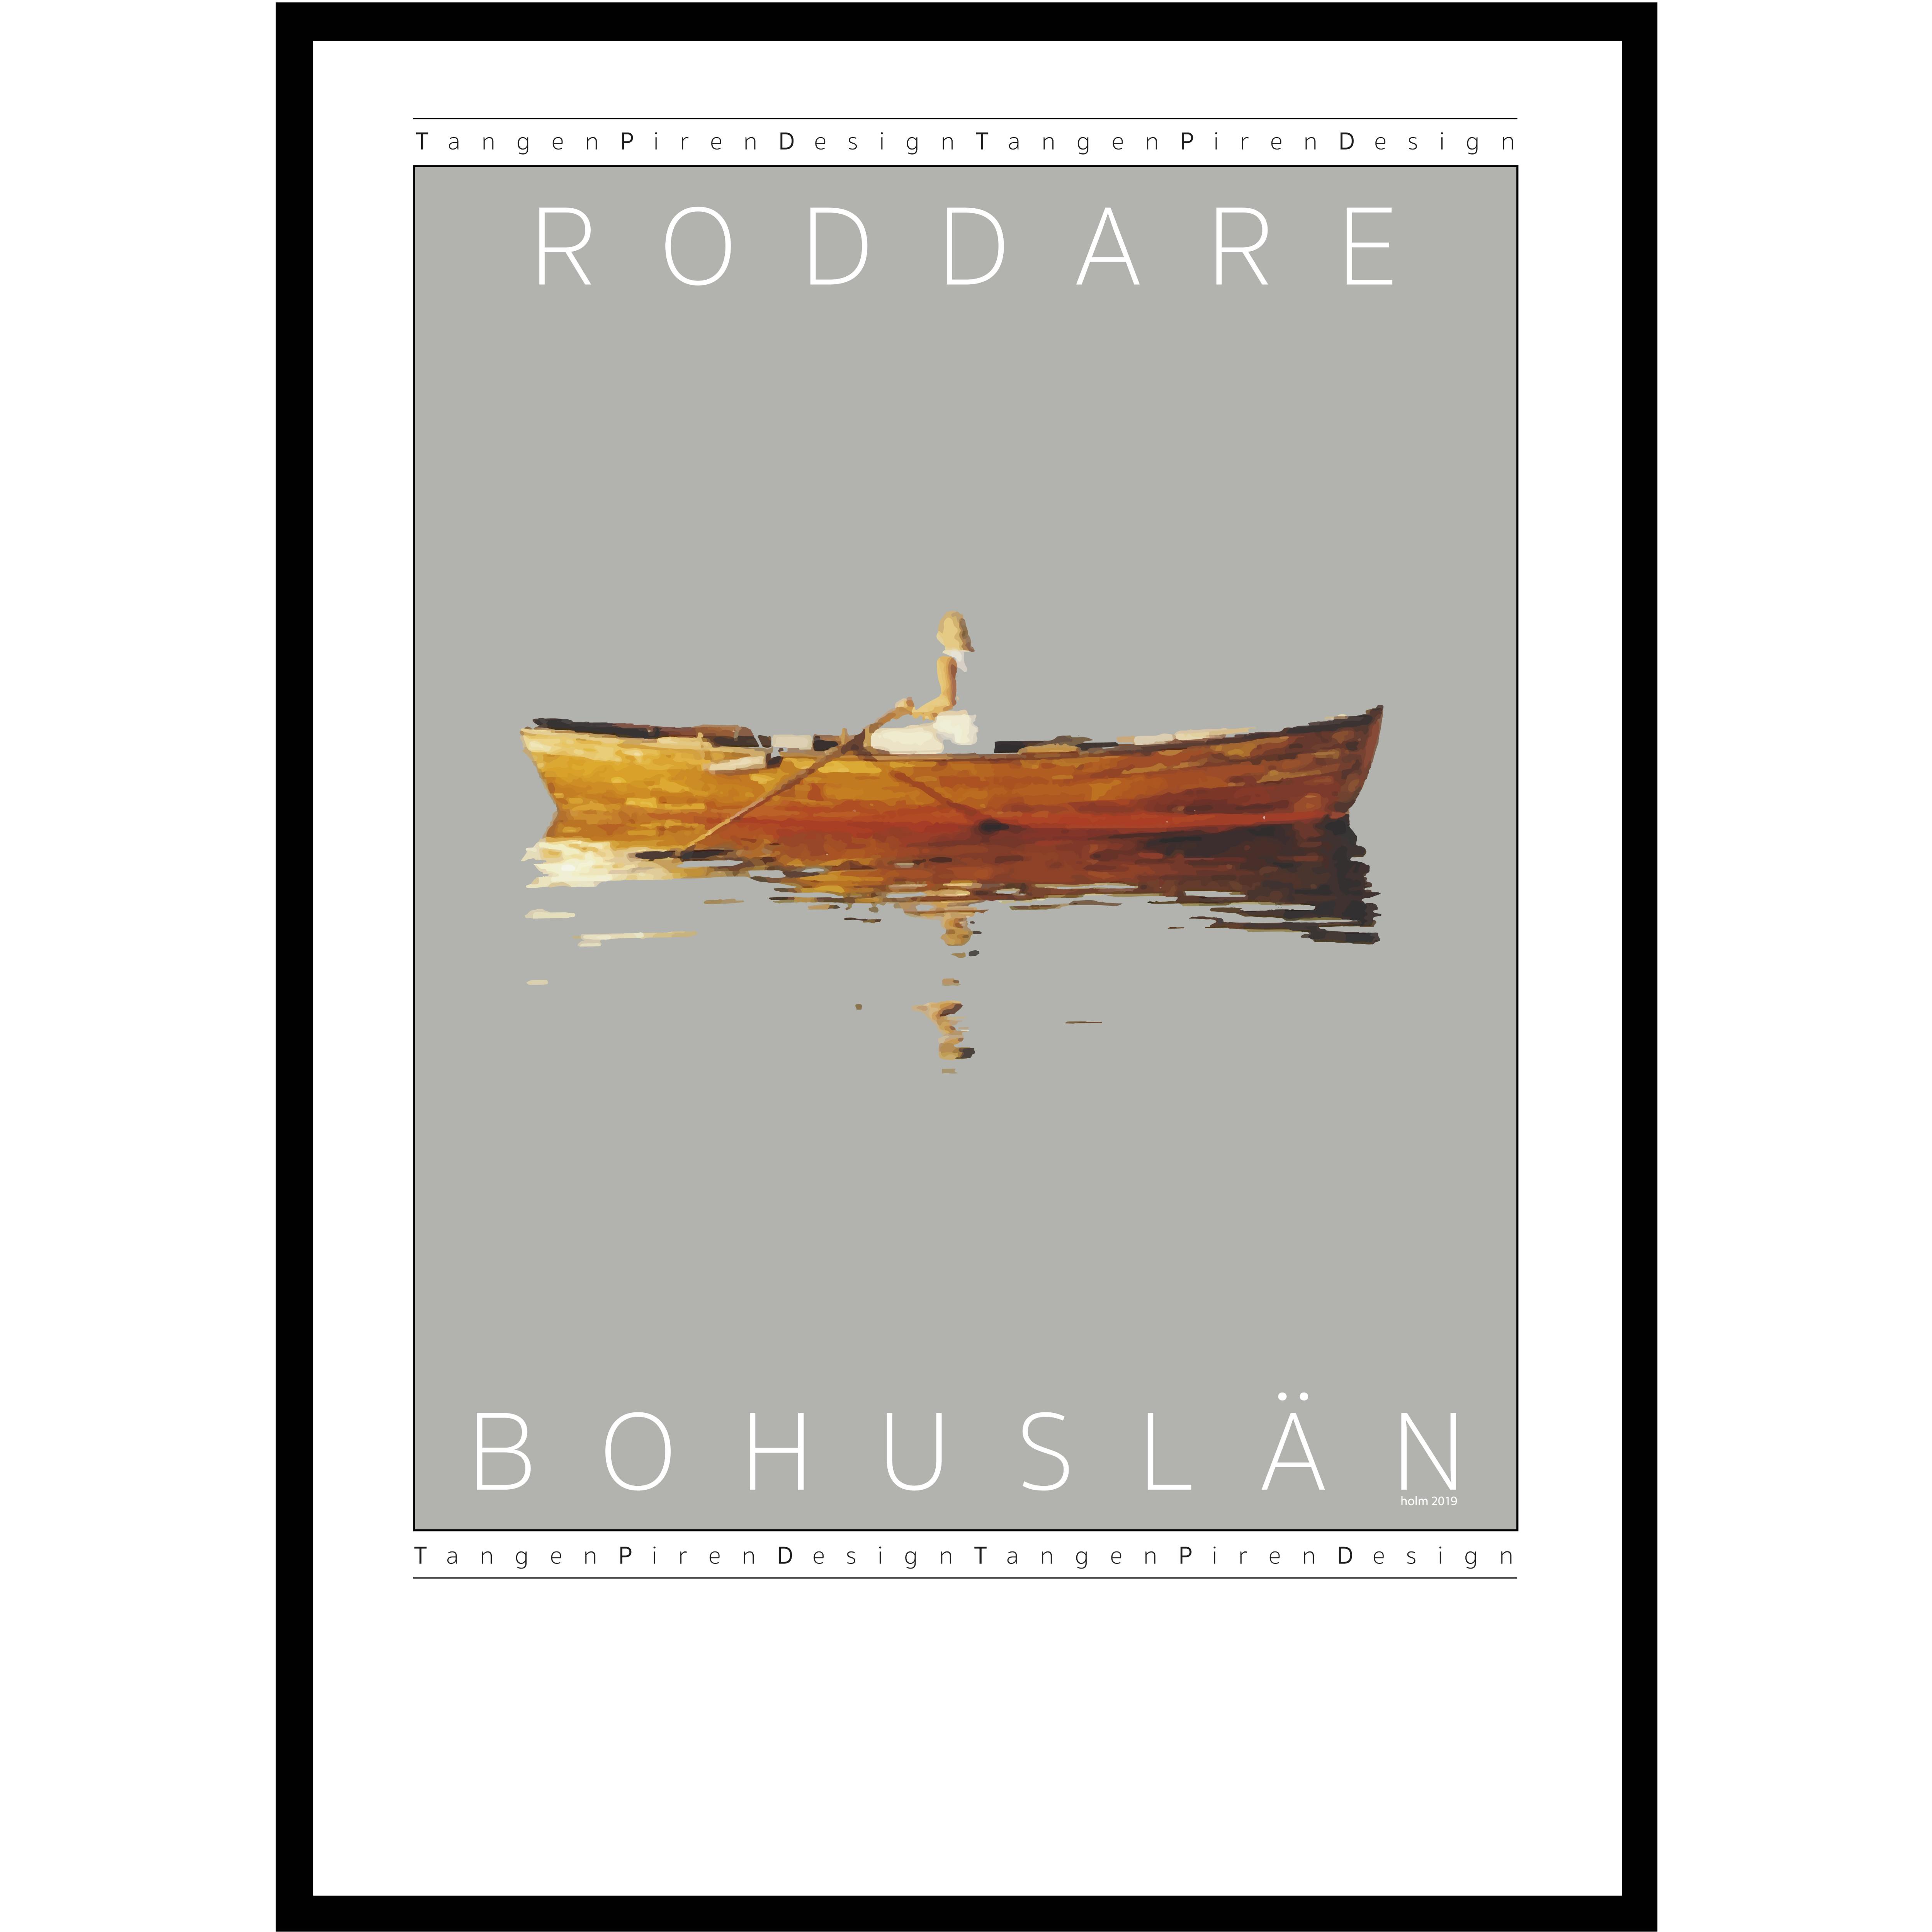 A19 Poster Roddare